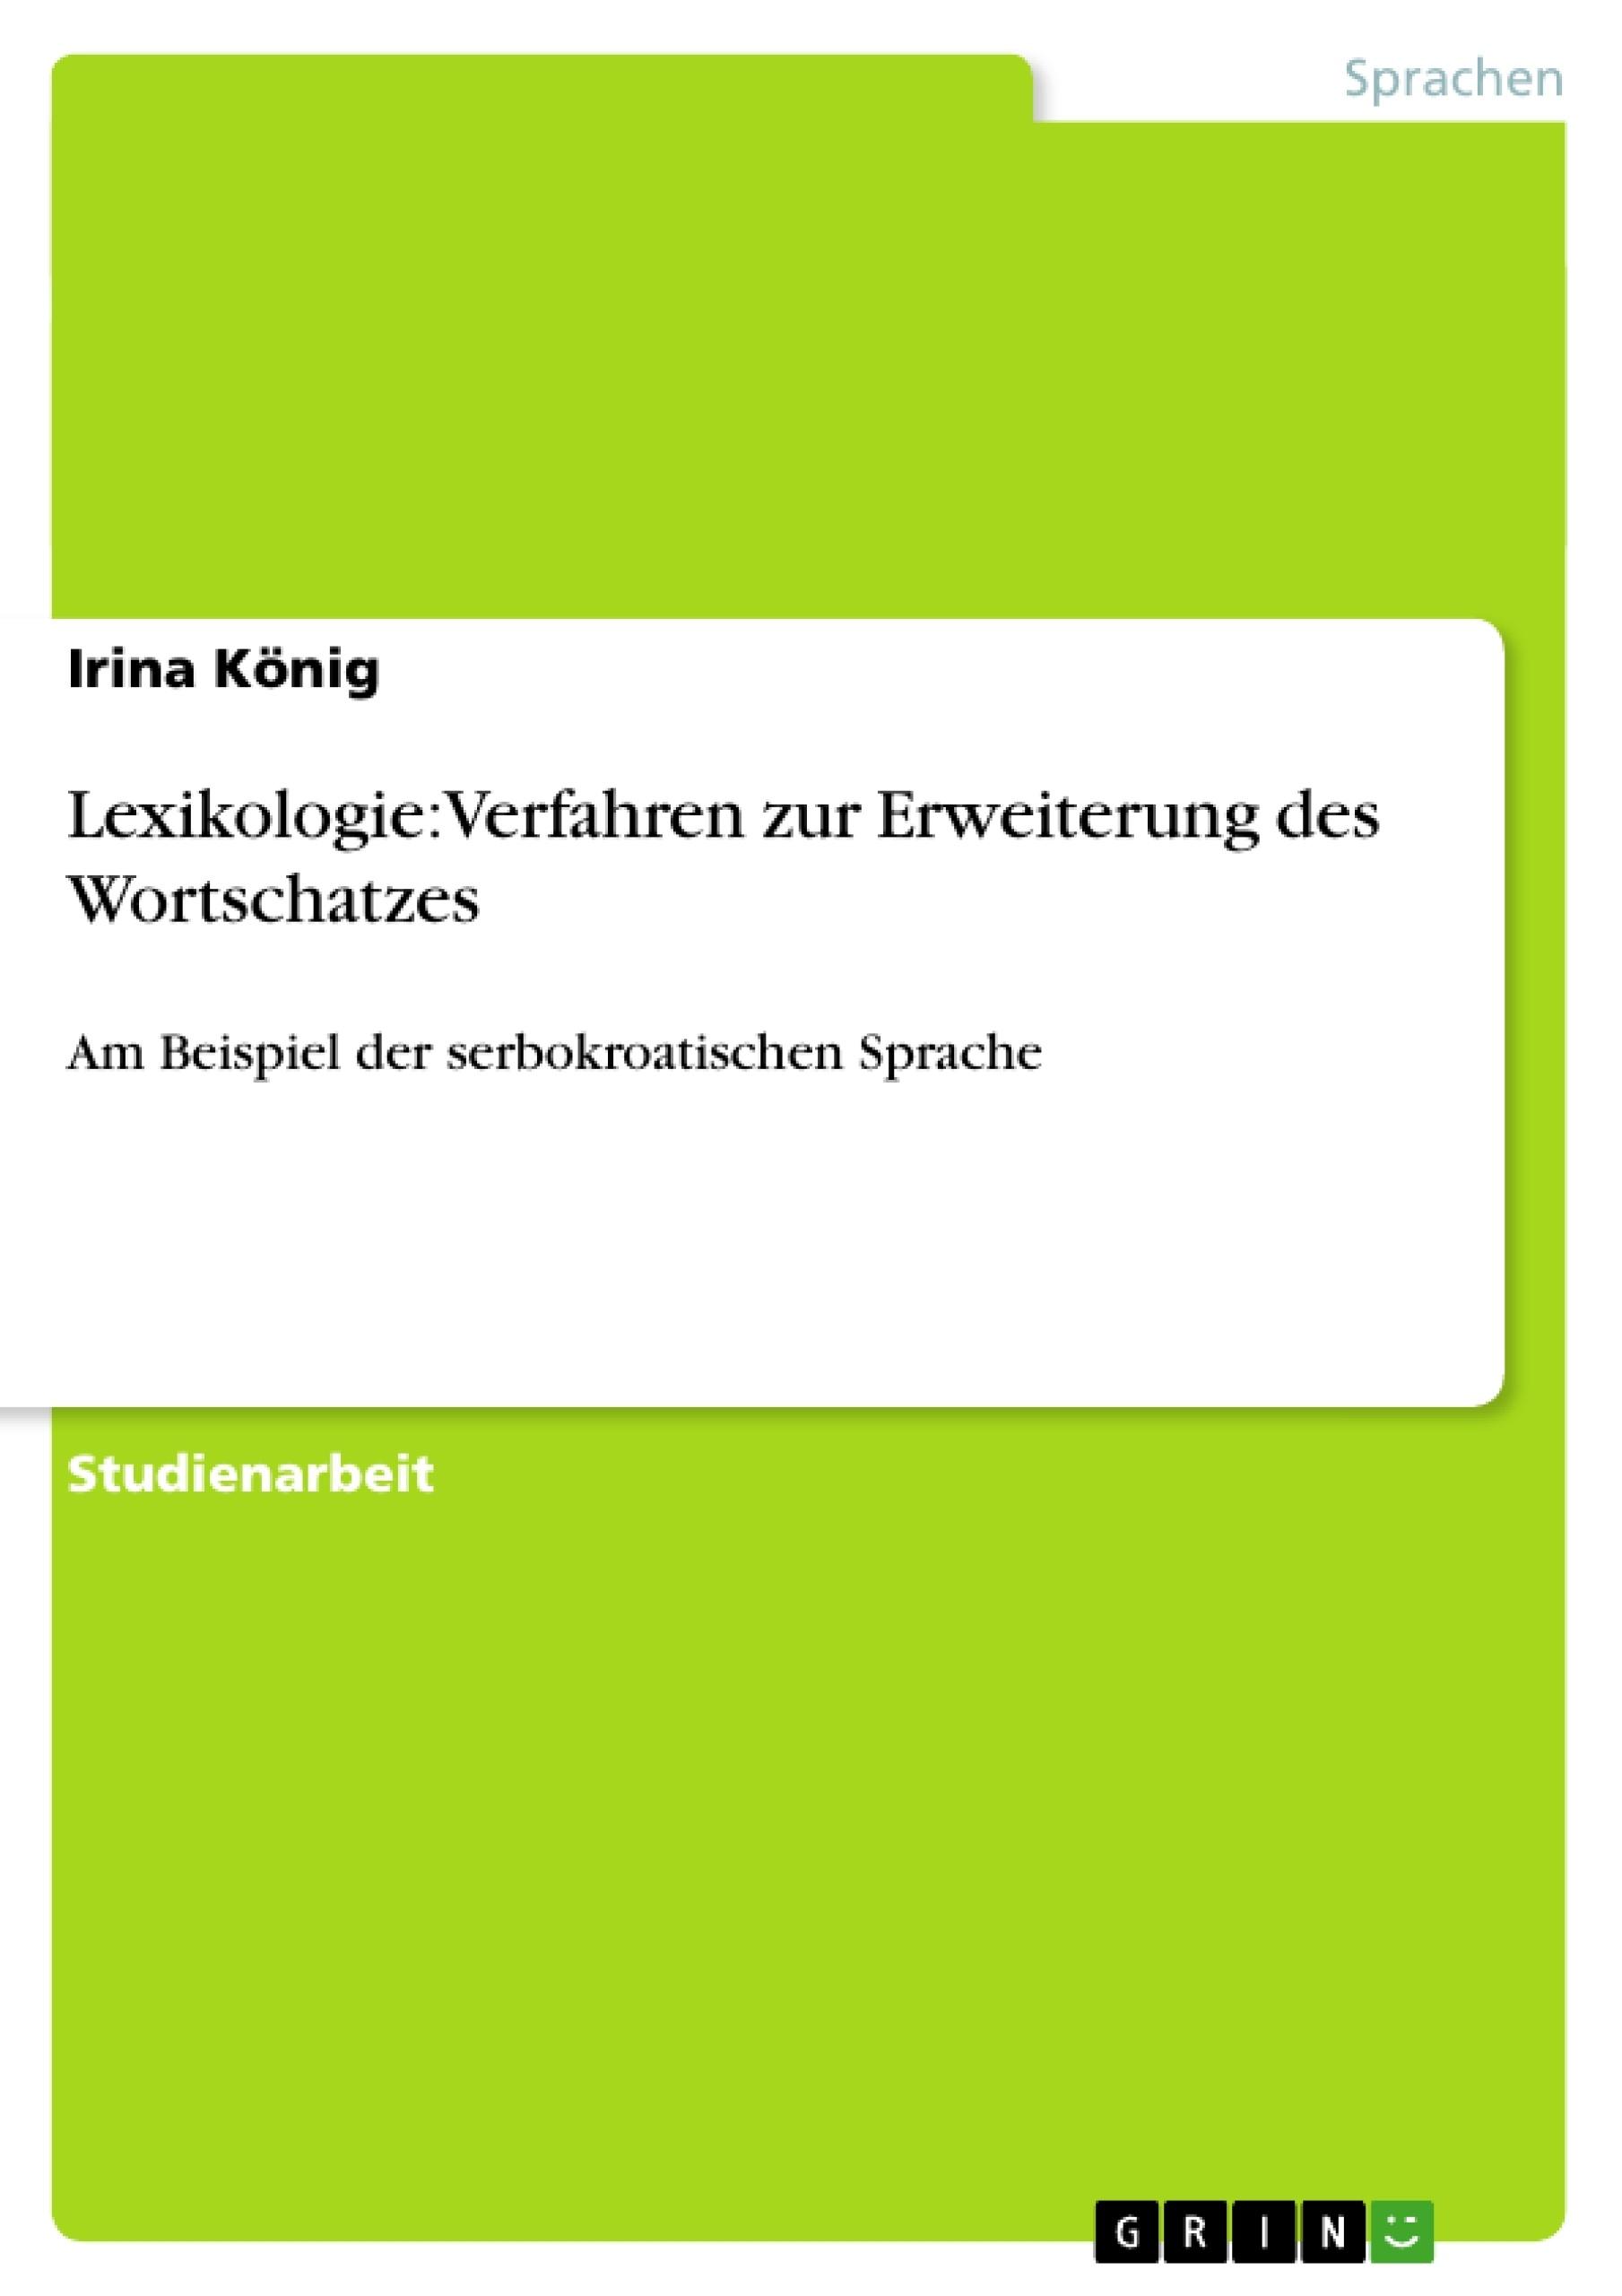 Titel: Lexikologie: Verfahren zur Erweiterung des Wortschatzes